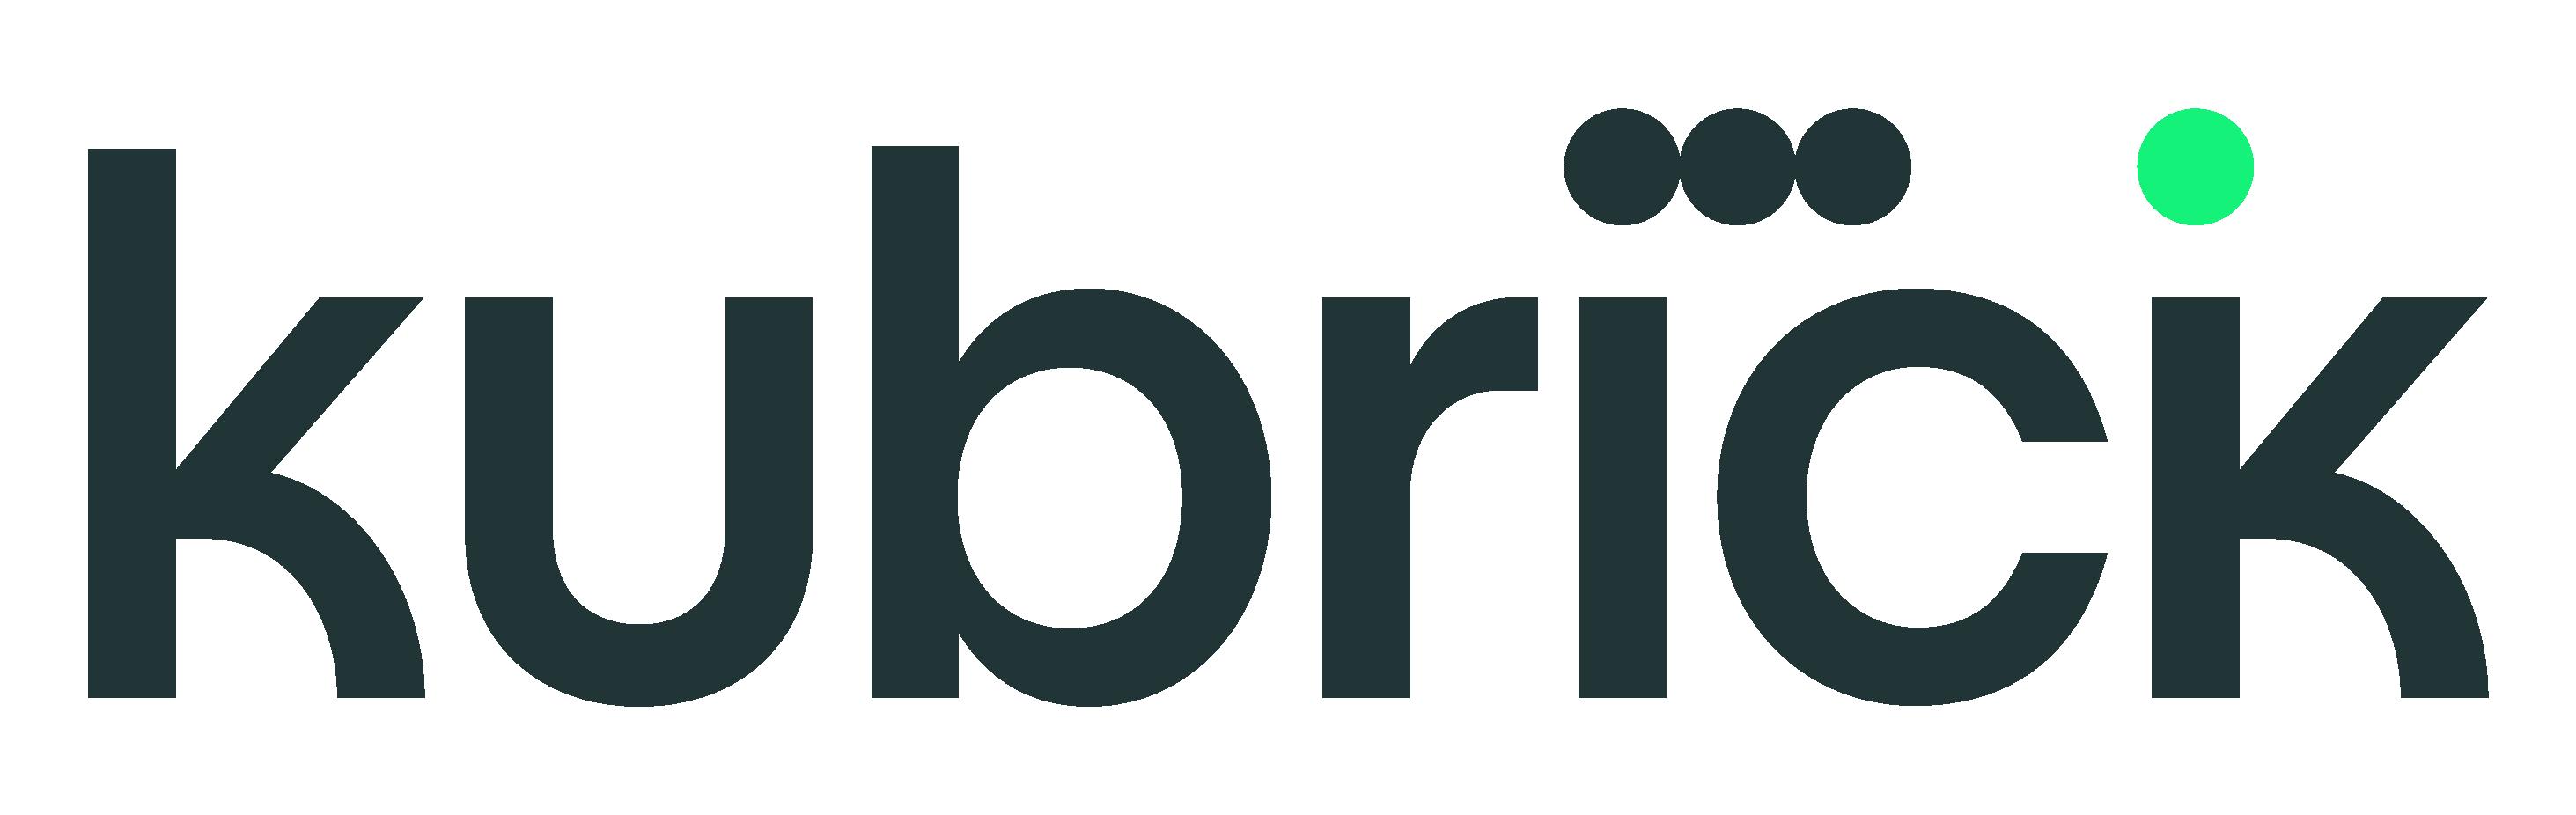 Employer logo for: Kubrick Group